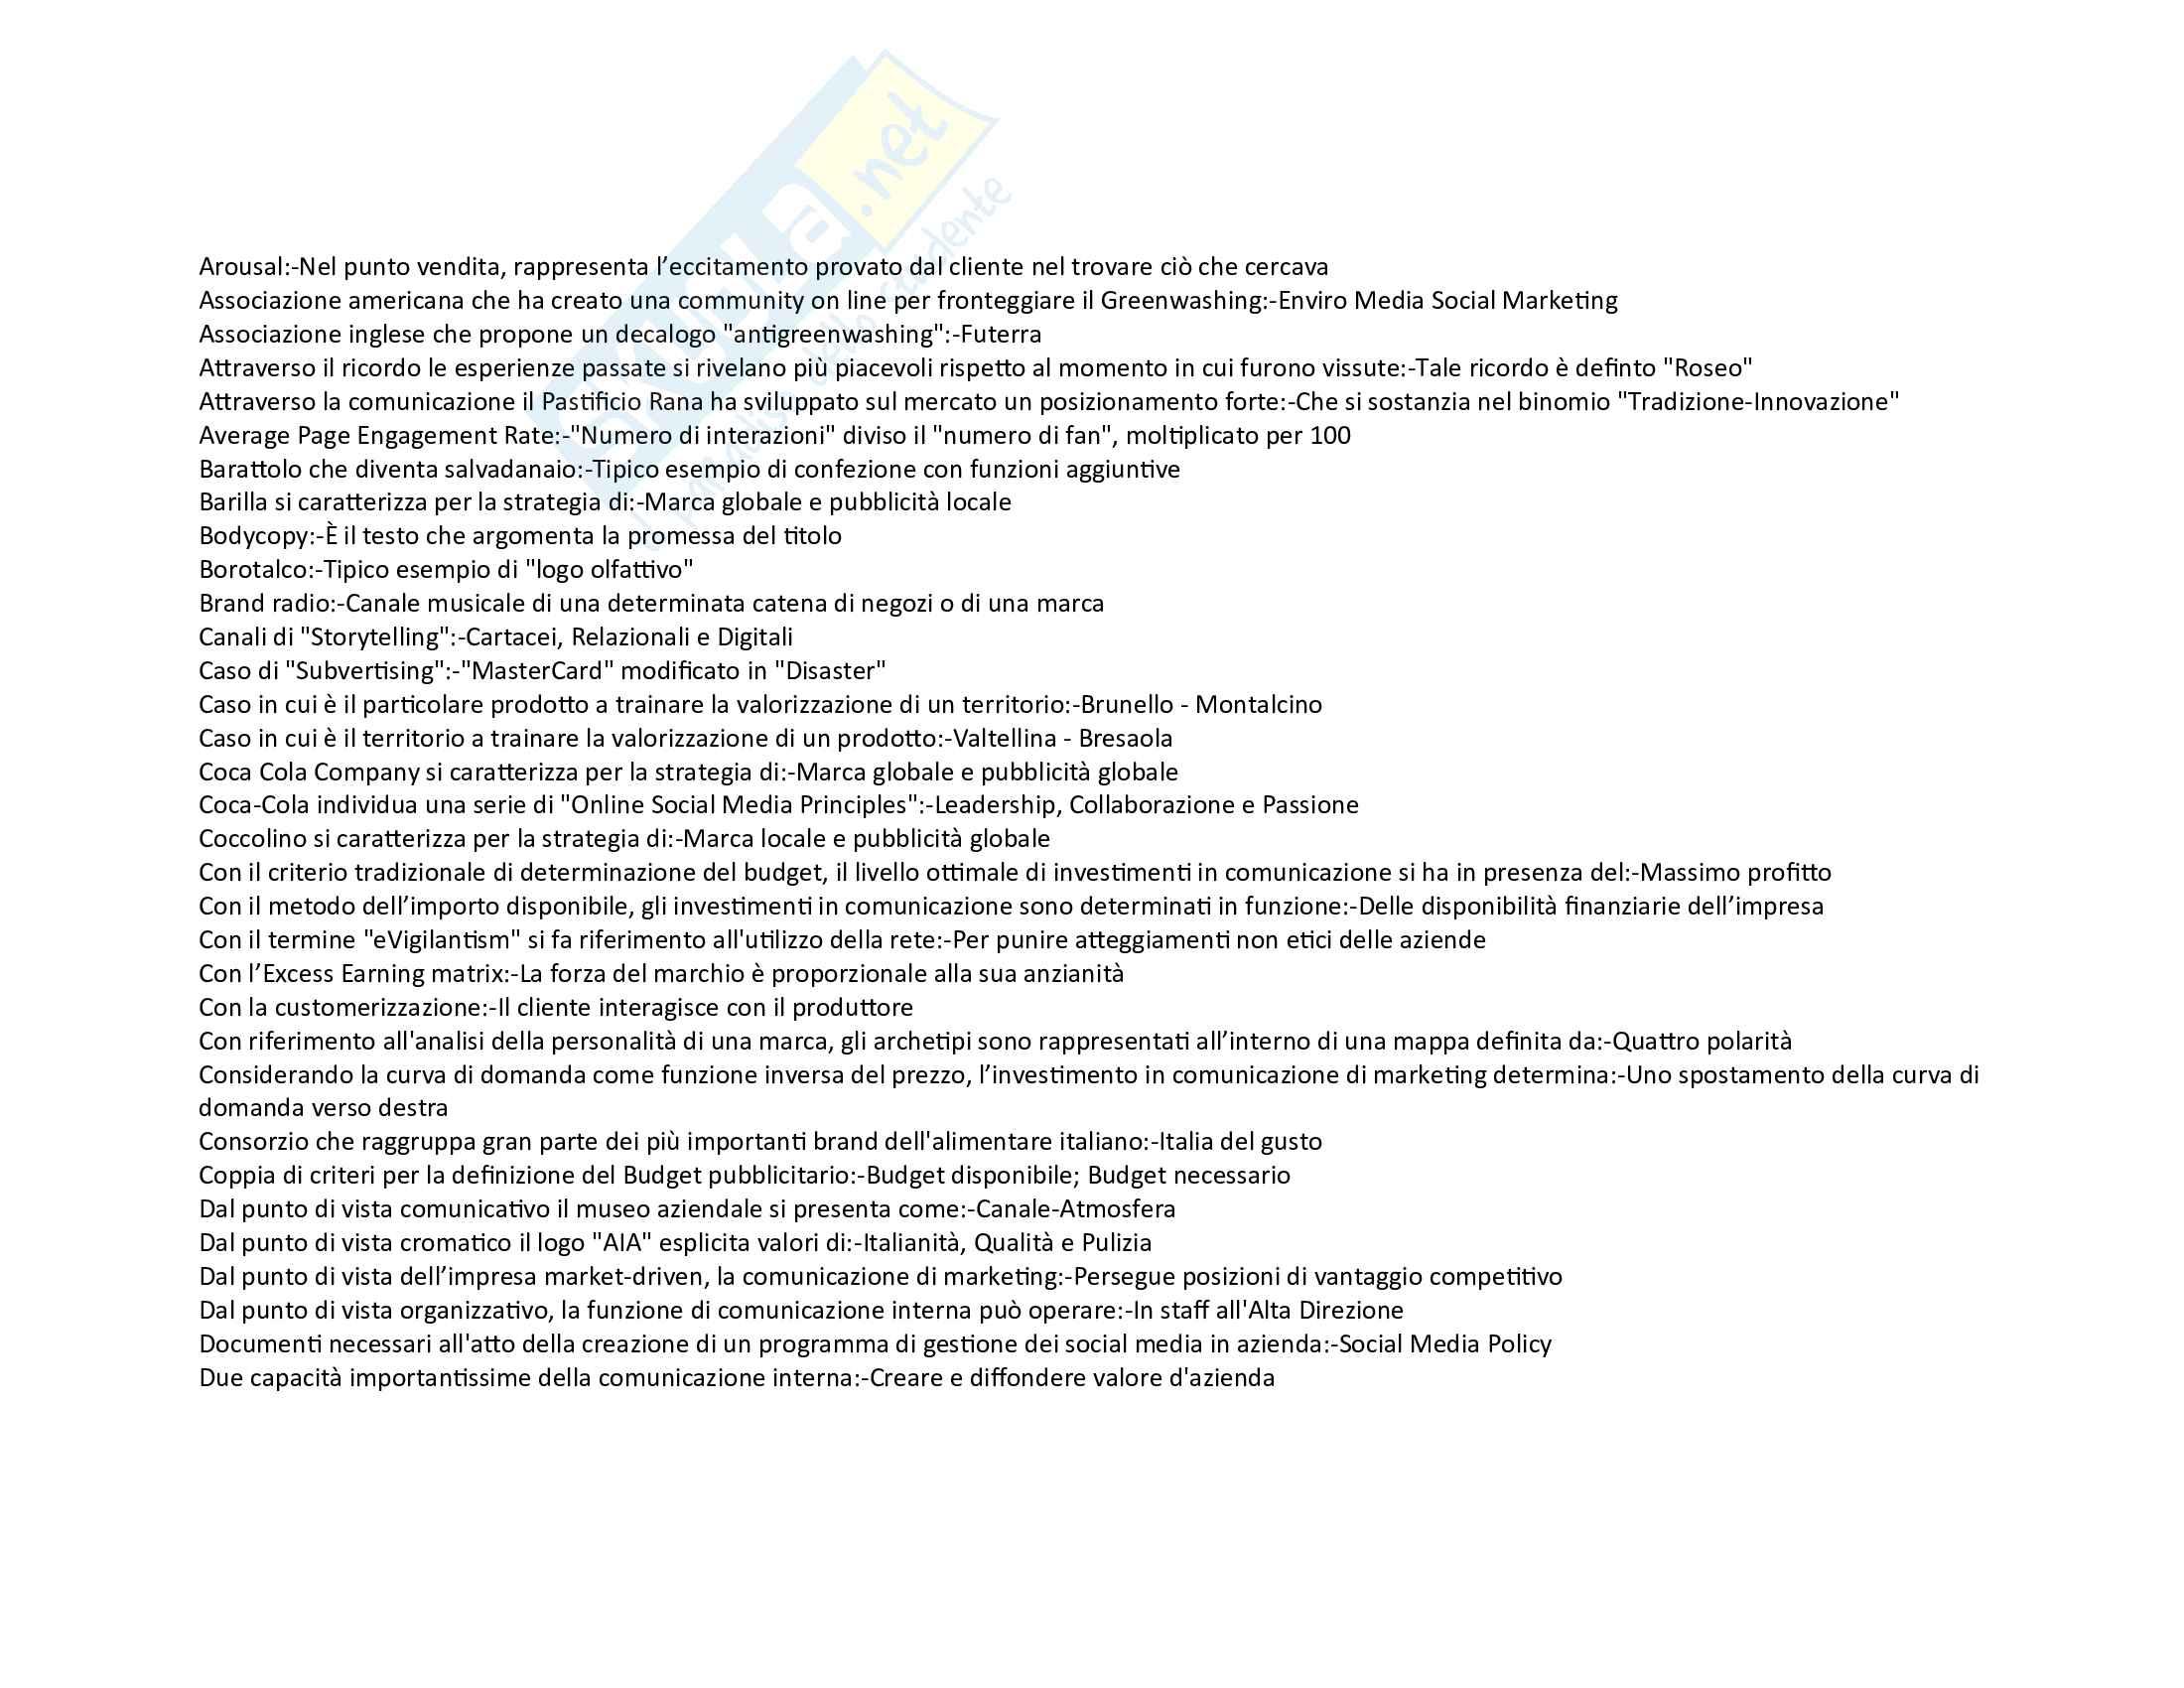 Strategie di Comunicazione D Impresa tutte le domande Pag. 2